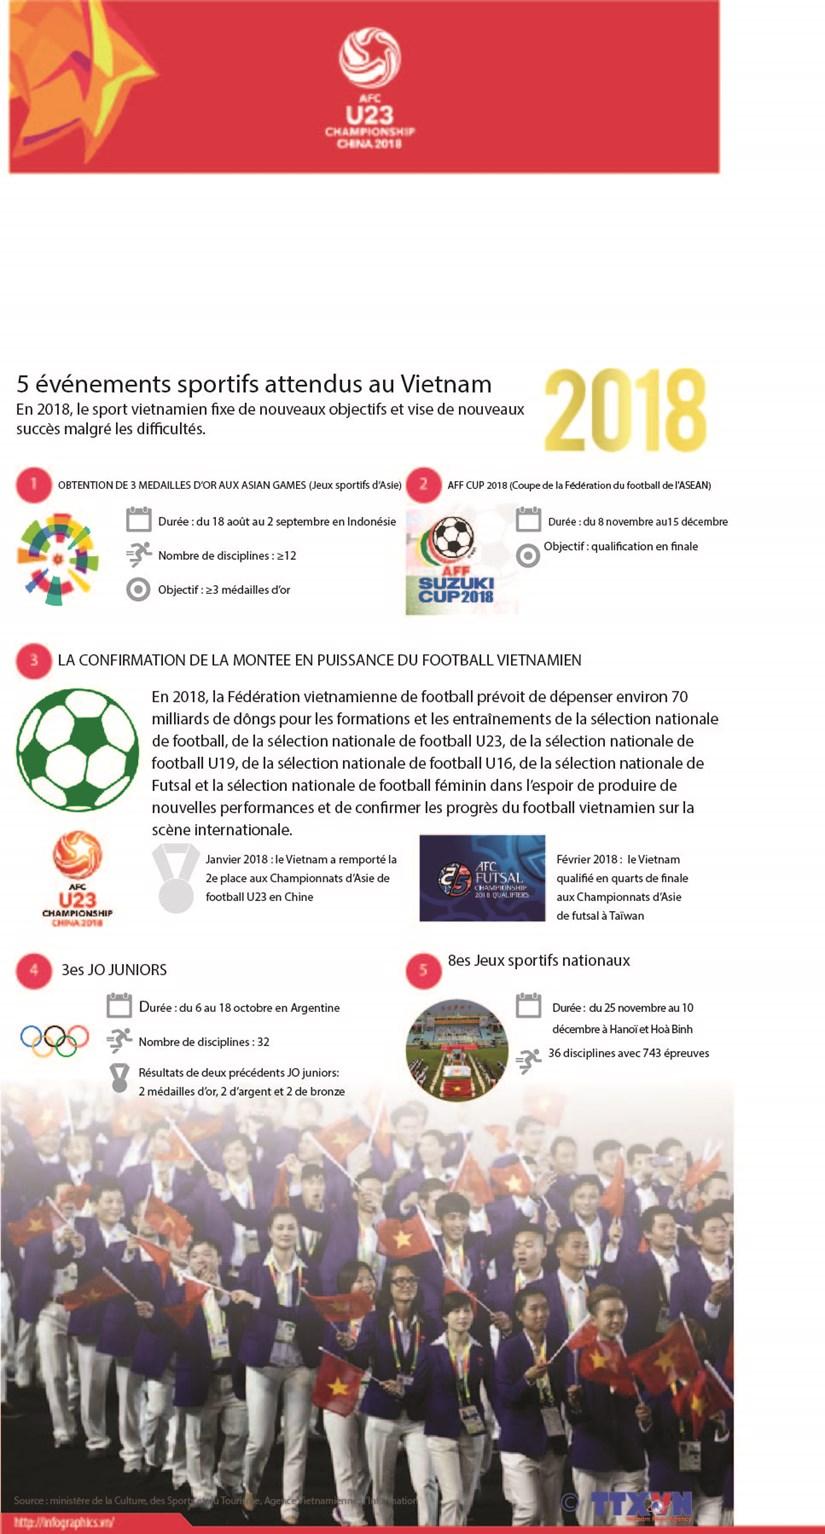 La confirmation de la montee en puissance du football vietnamien hinh anh 1